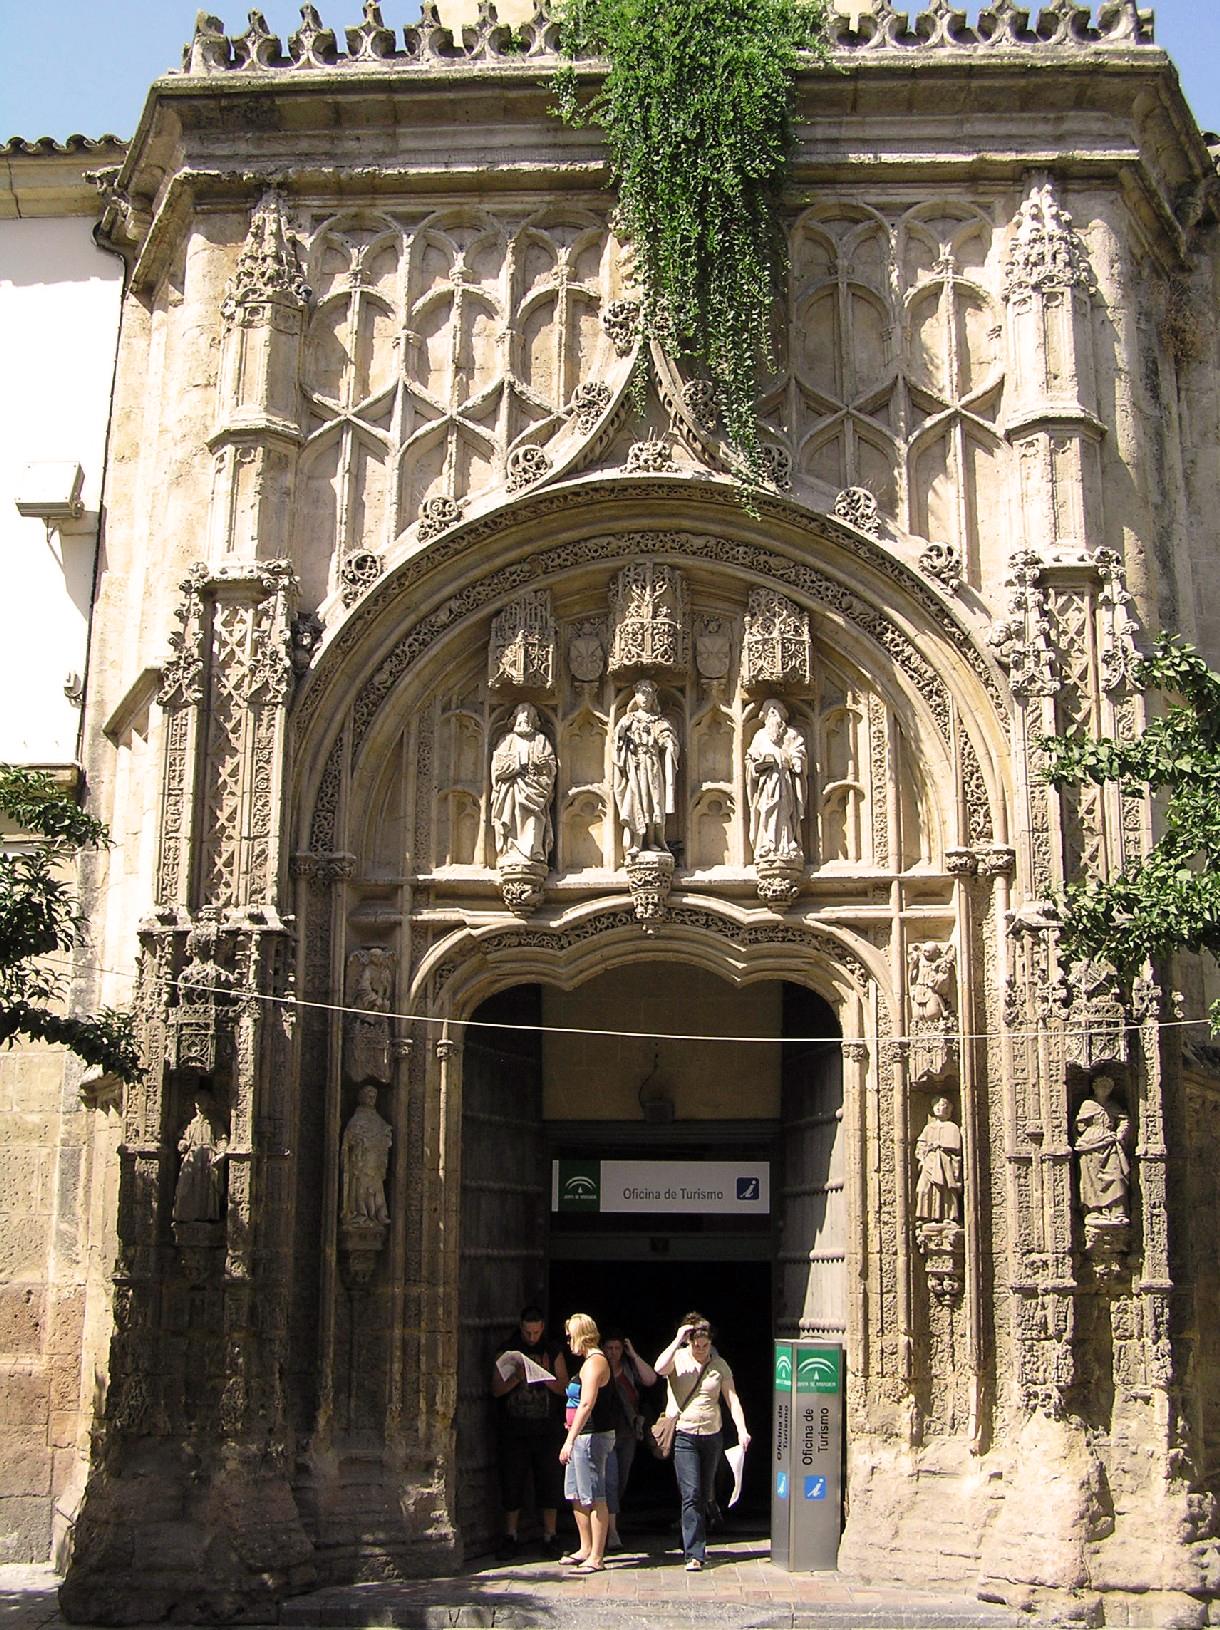 mezquita catedral de c rdoba portal fuenterrebollo